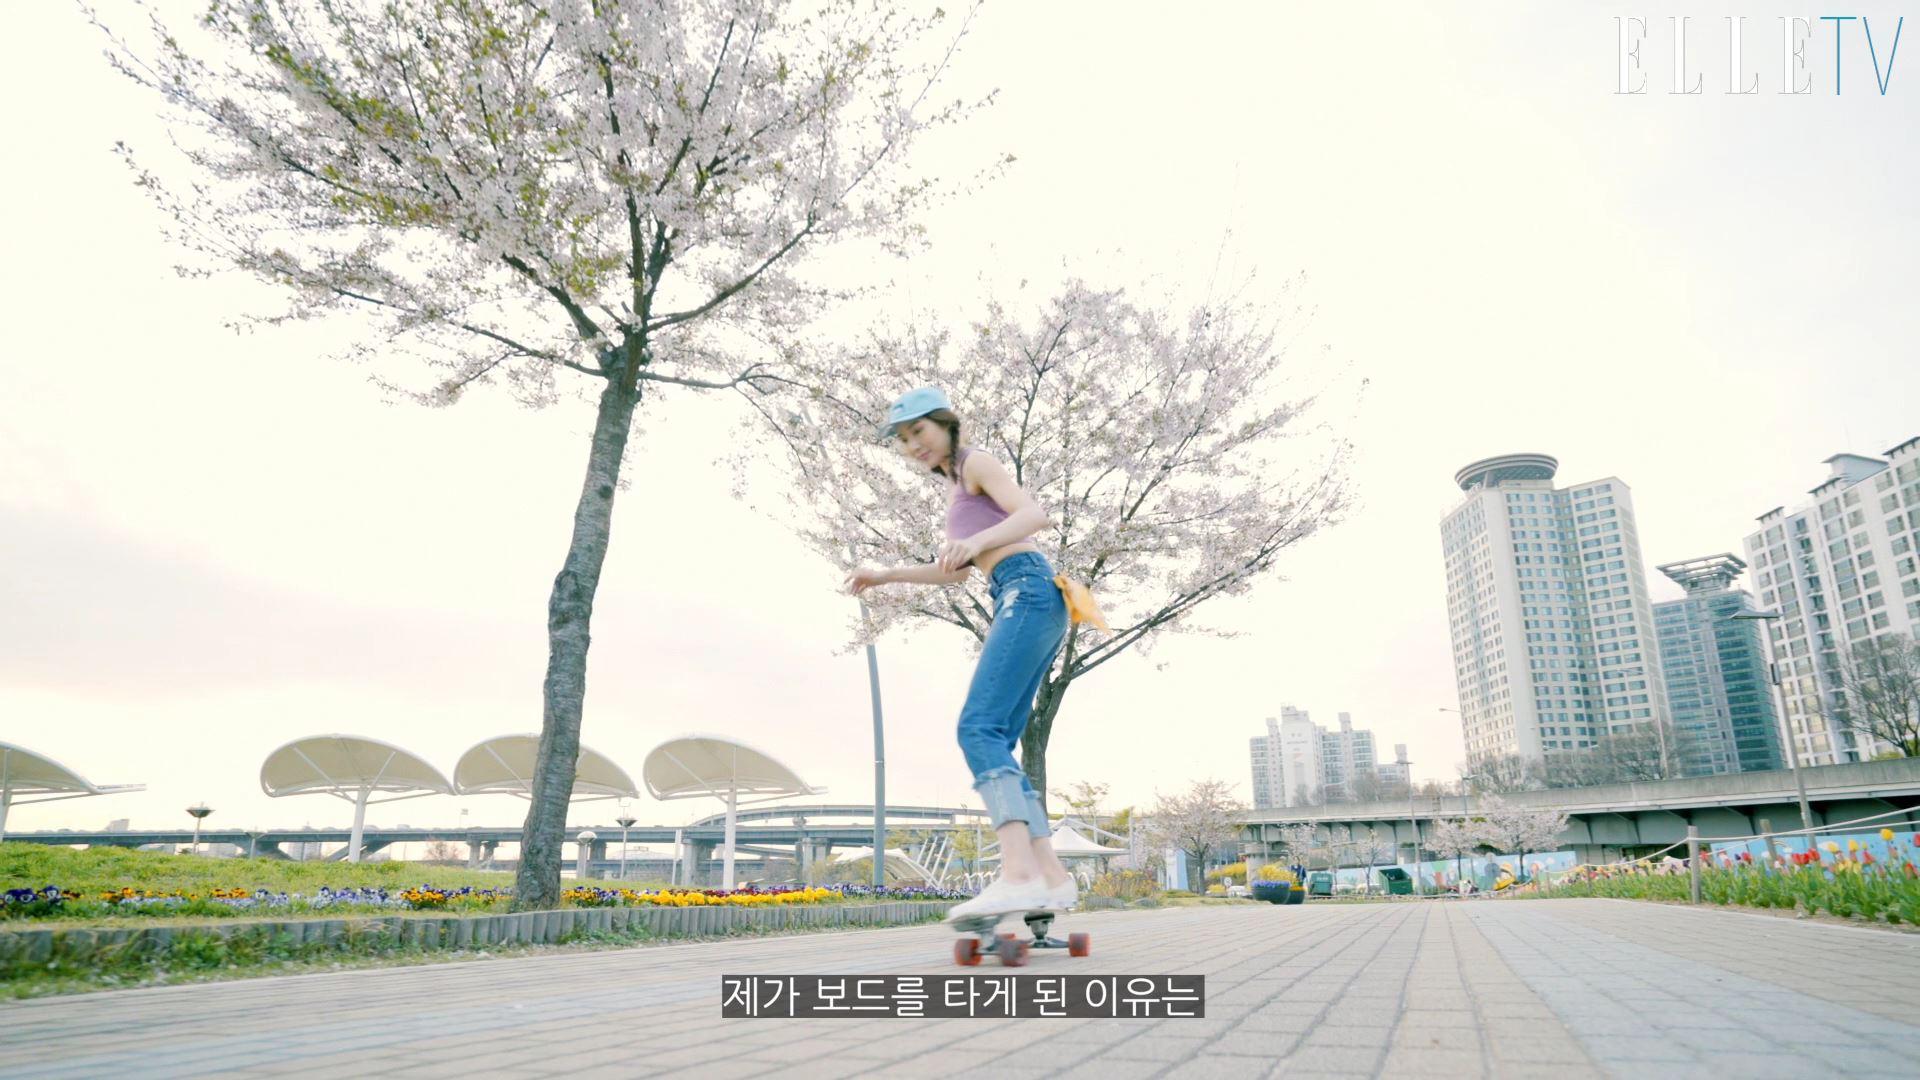 놀면서 운동하는 서프 스케이트